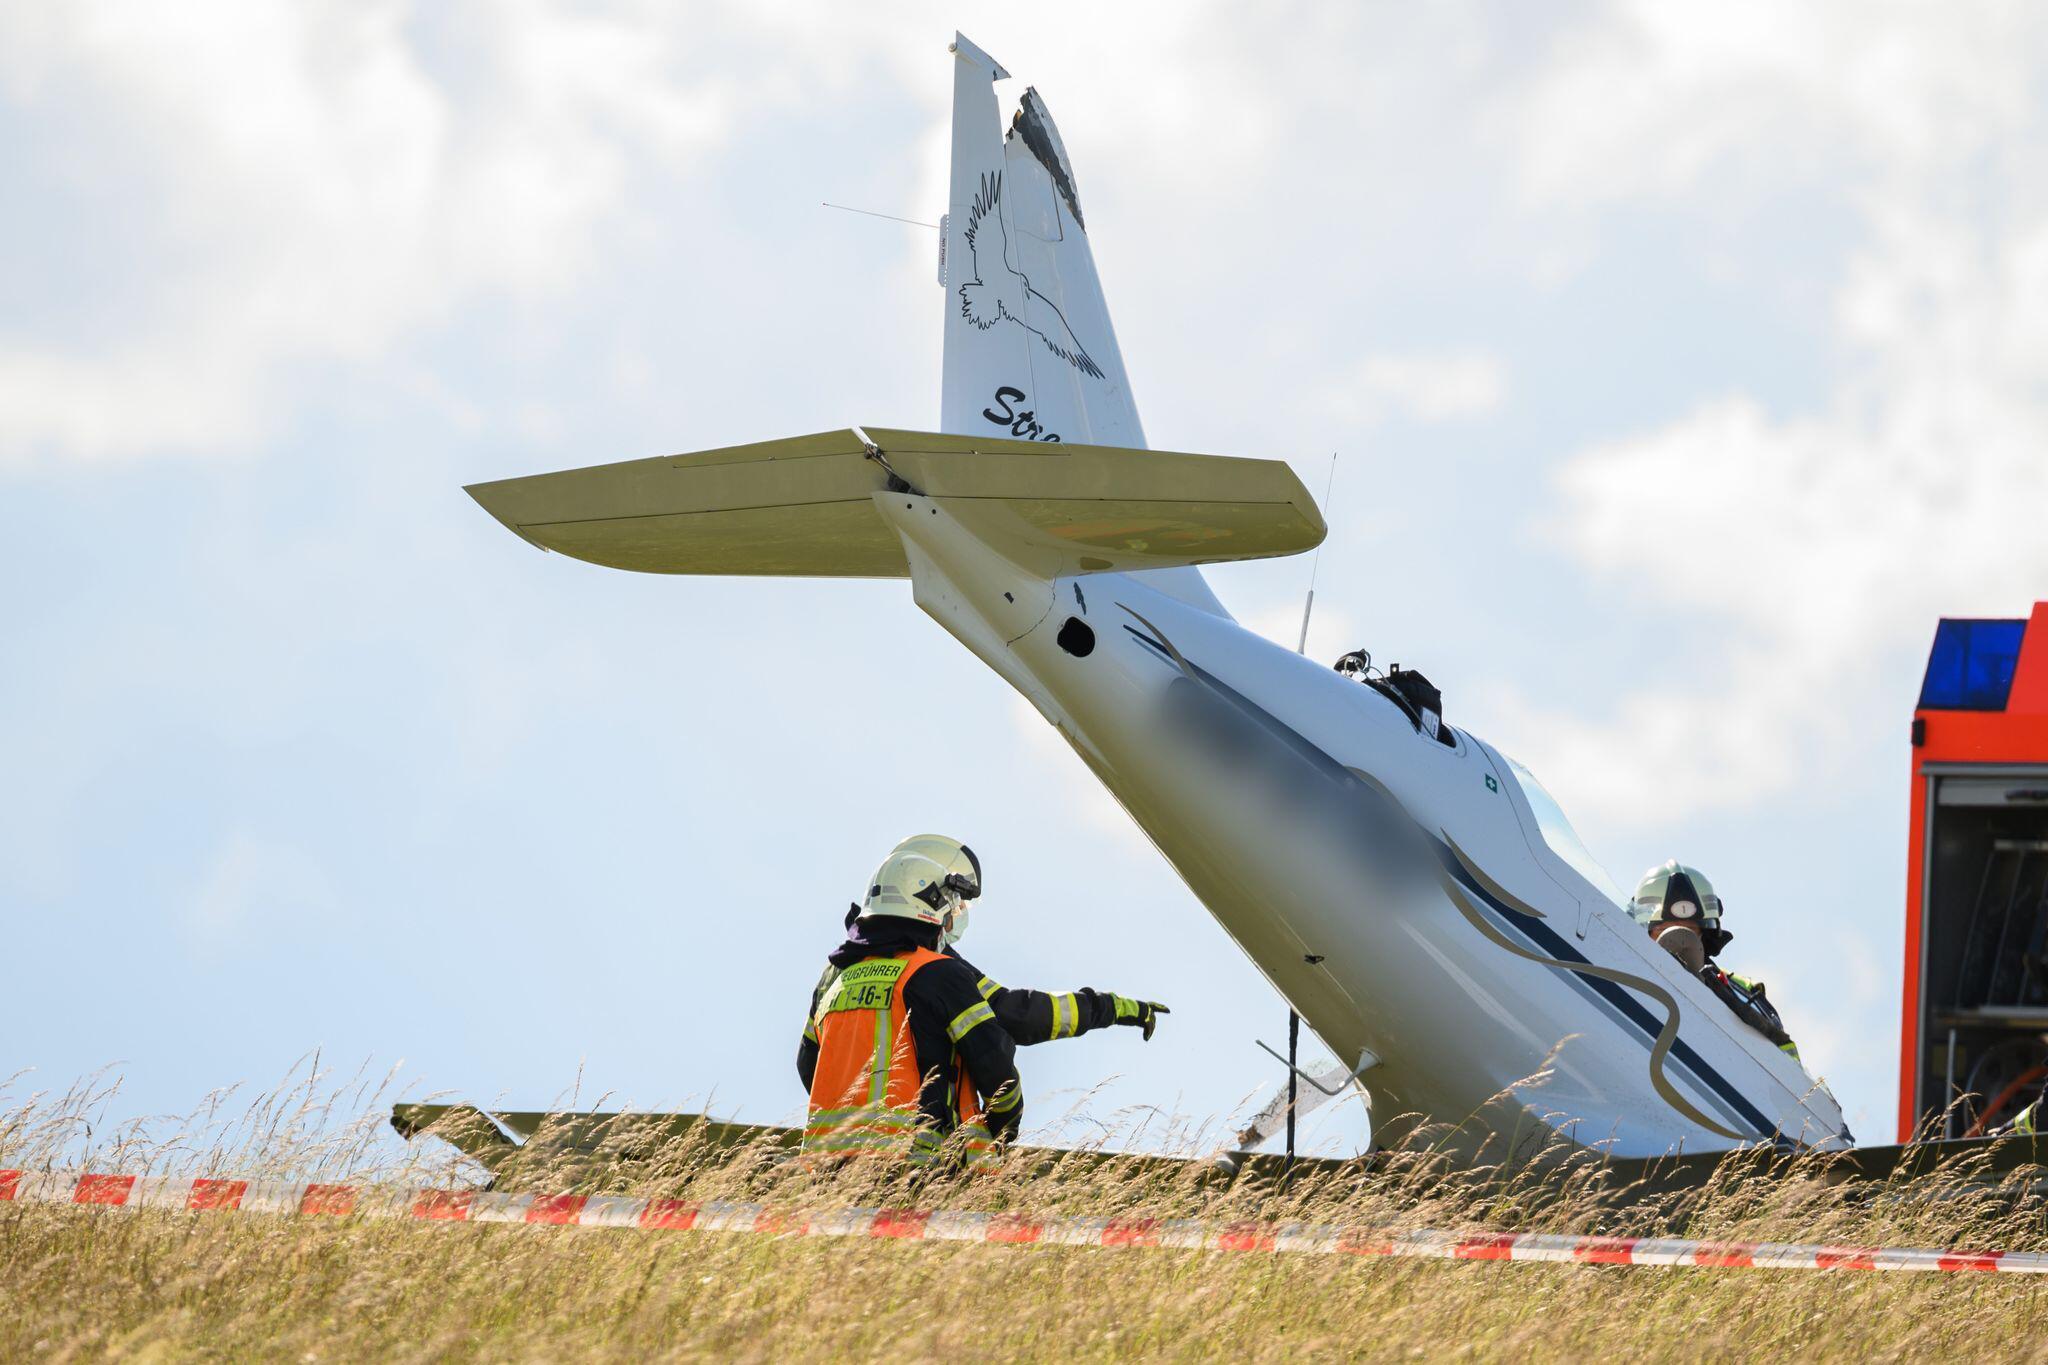 Bild zu Toter bei Flugzeugabsturz